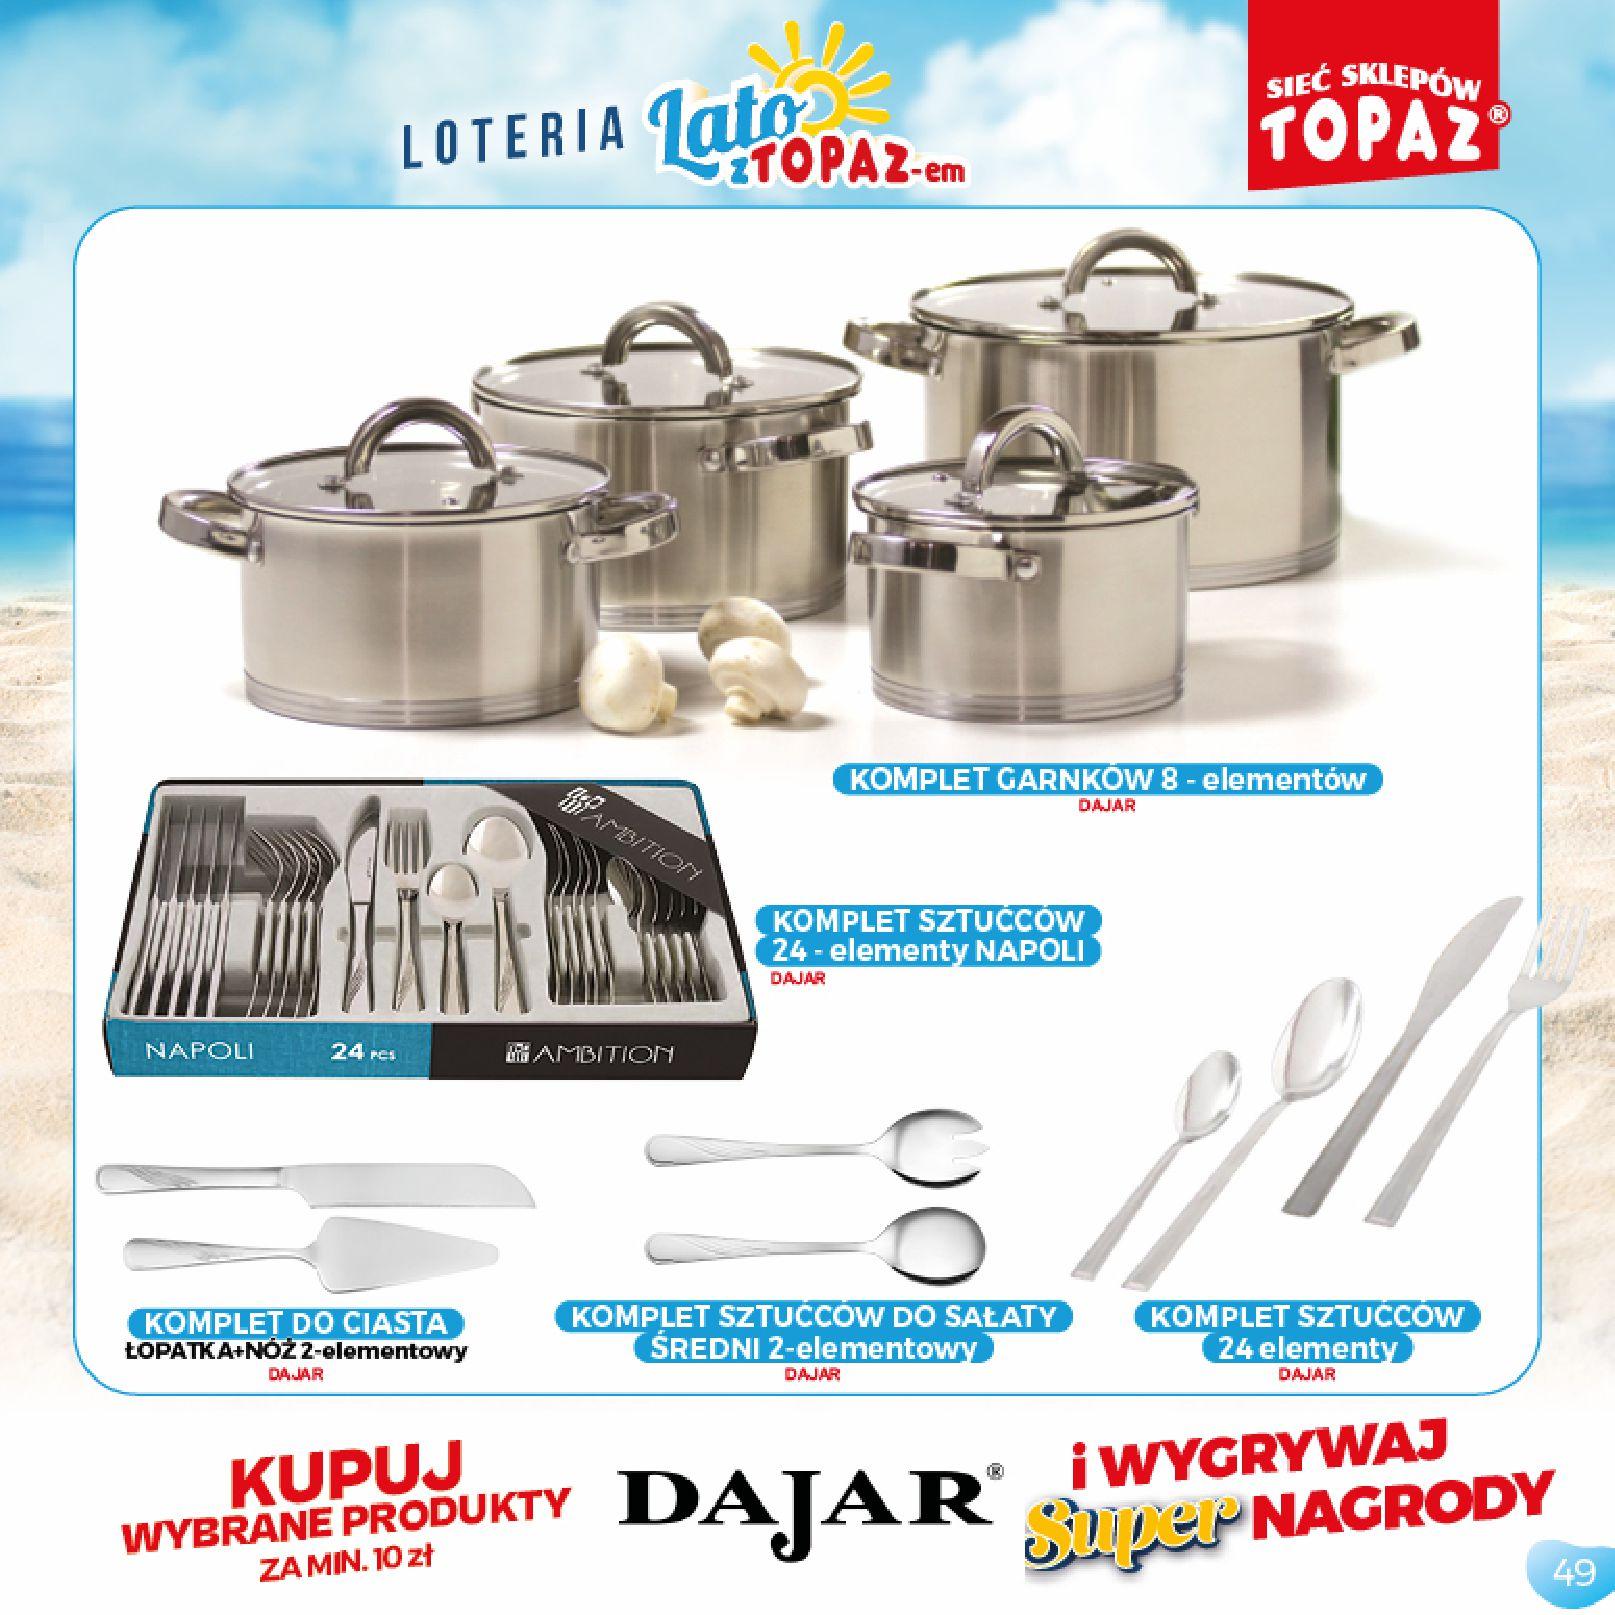 Gazetka TOPAZ: Gazetka TOPAZ - Loteria 2021-07-05 page-49